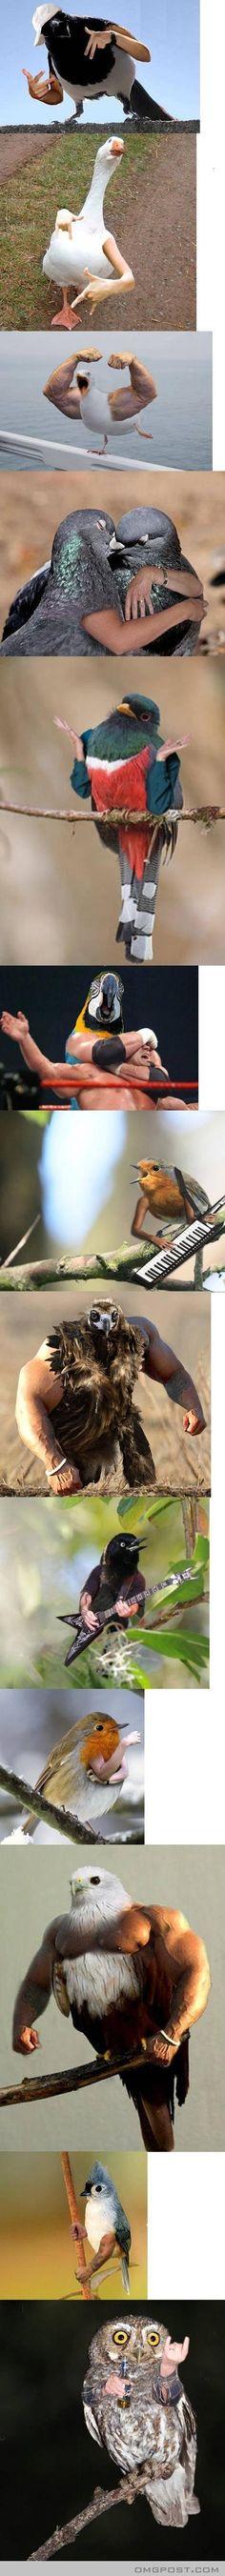 Funny Bird Photo: Birds Humanoid ~ Funny